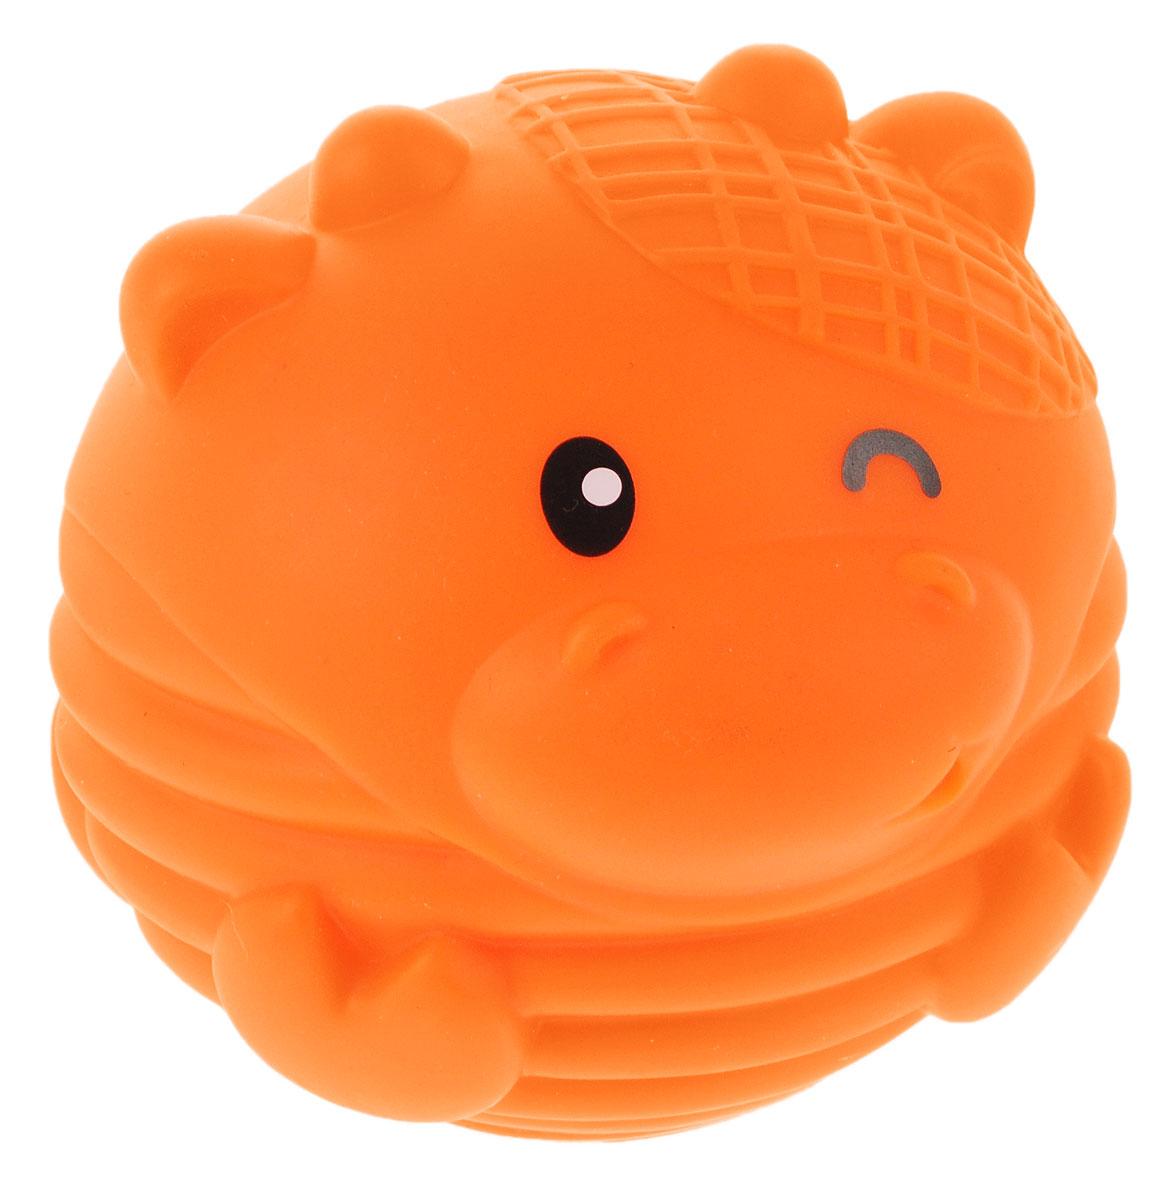 B kids Развивающая игрушка-пищалка Коровка905177_оранжевыйВсе дети любят развлечения с мячами. Развивающая игрушка-пищалка B kids Коровка - больше, чем просто мяч. Этот приятный на ощупь шар выполнен в виде симпатичной зверюшки. Его поверхность покрывают рельефные выпуклости, ощупывая которые ребенок развивает тактильные ощущения. Кроме того, шар издает звук, который очень нравится малышам. Предназначено для детей от 6 месяцев.